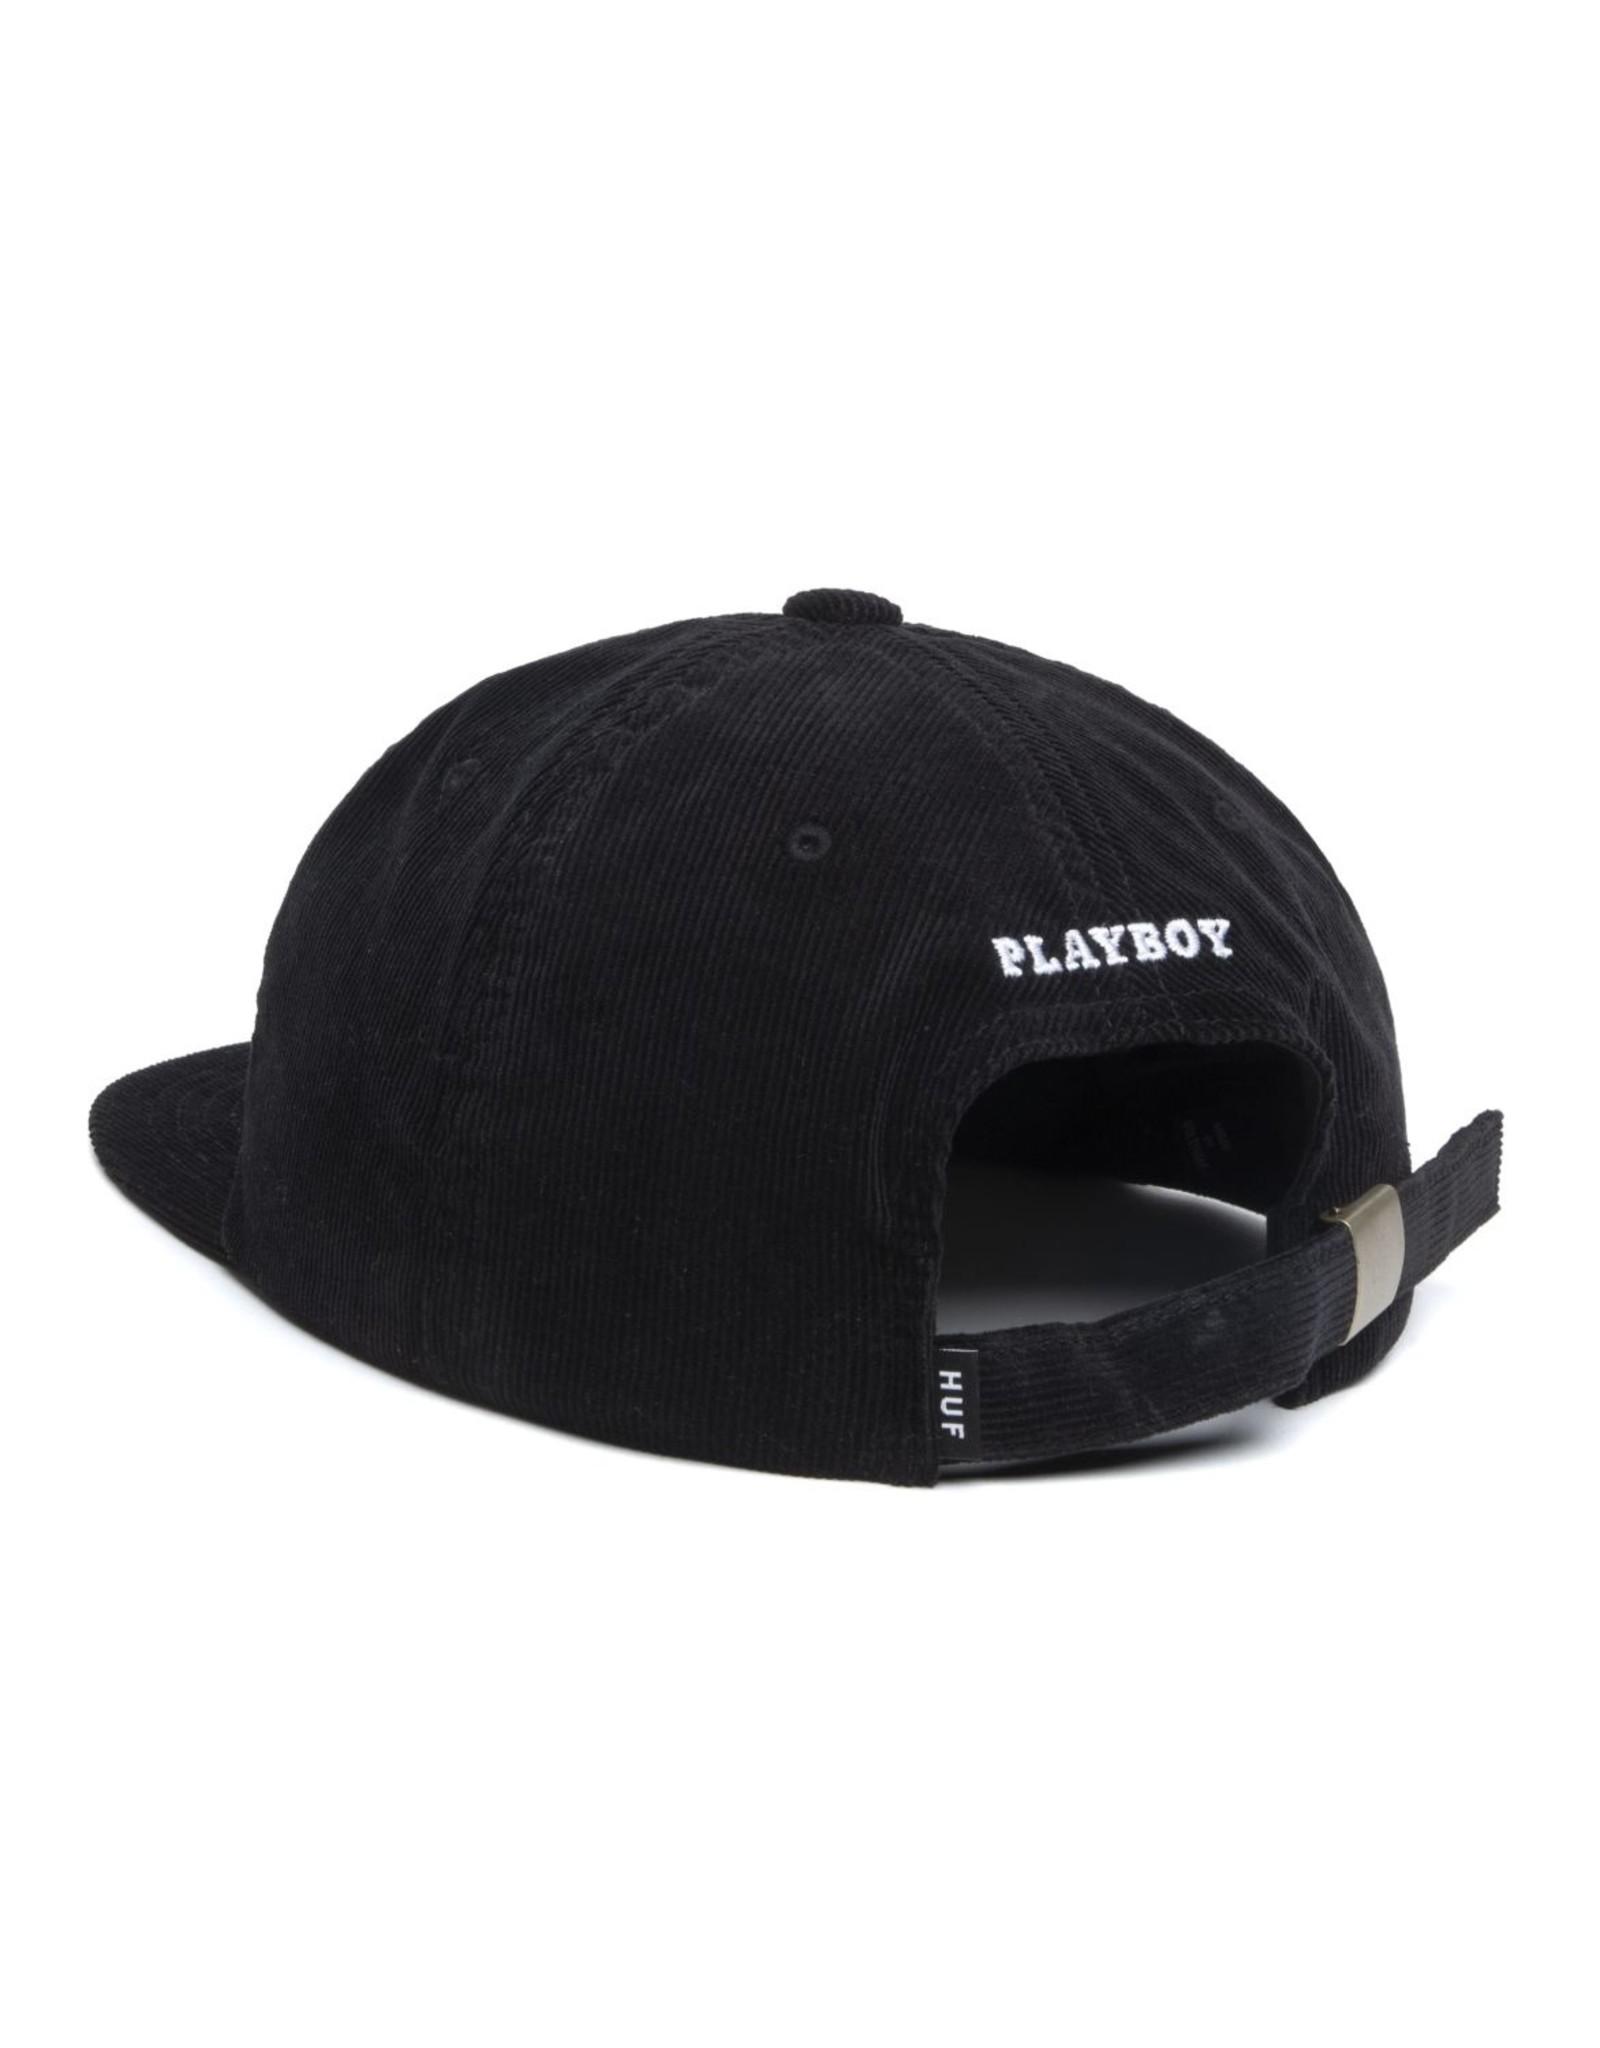 HUF HUF - PLAYBOY CORD. 6 PANEL - BLACK